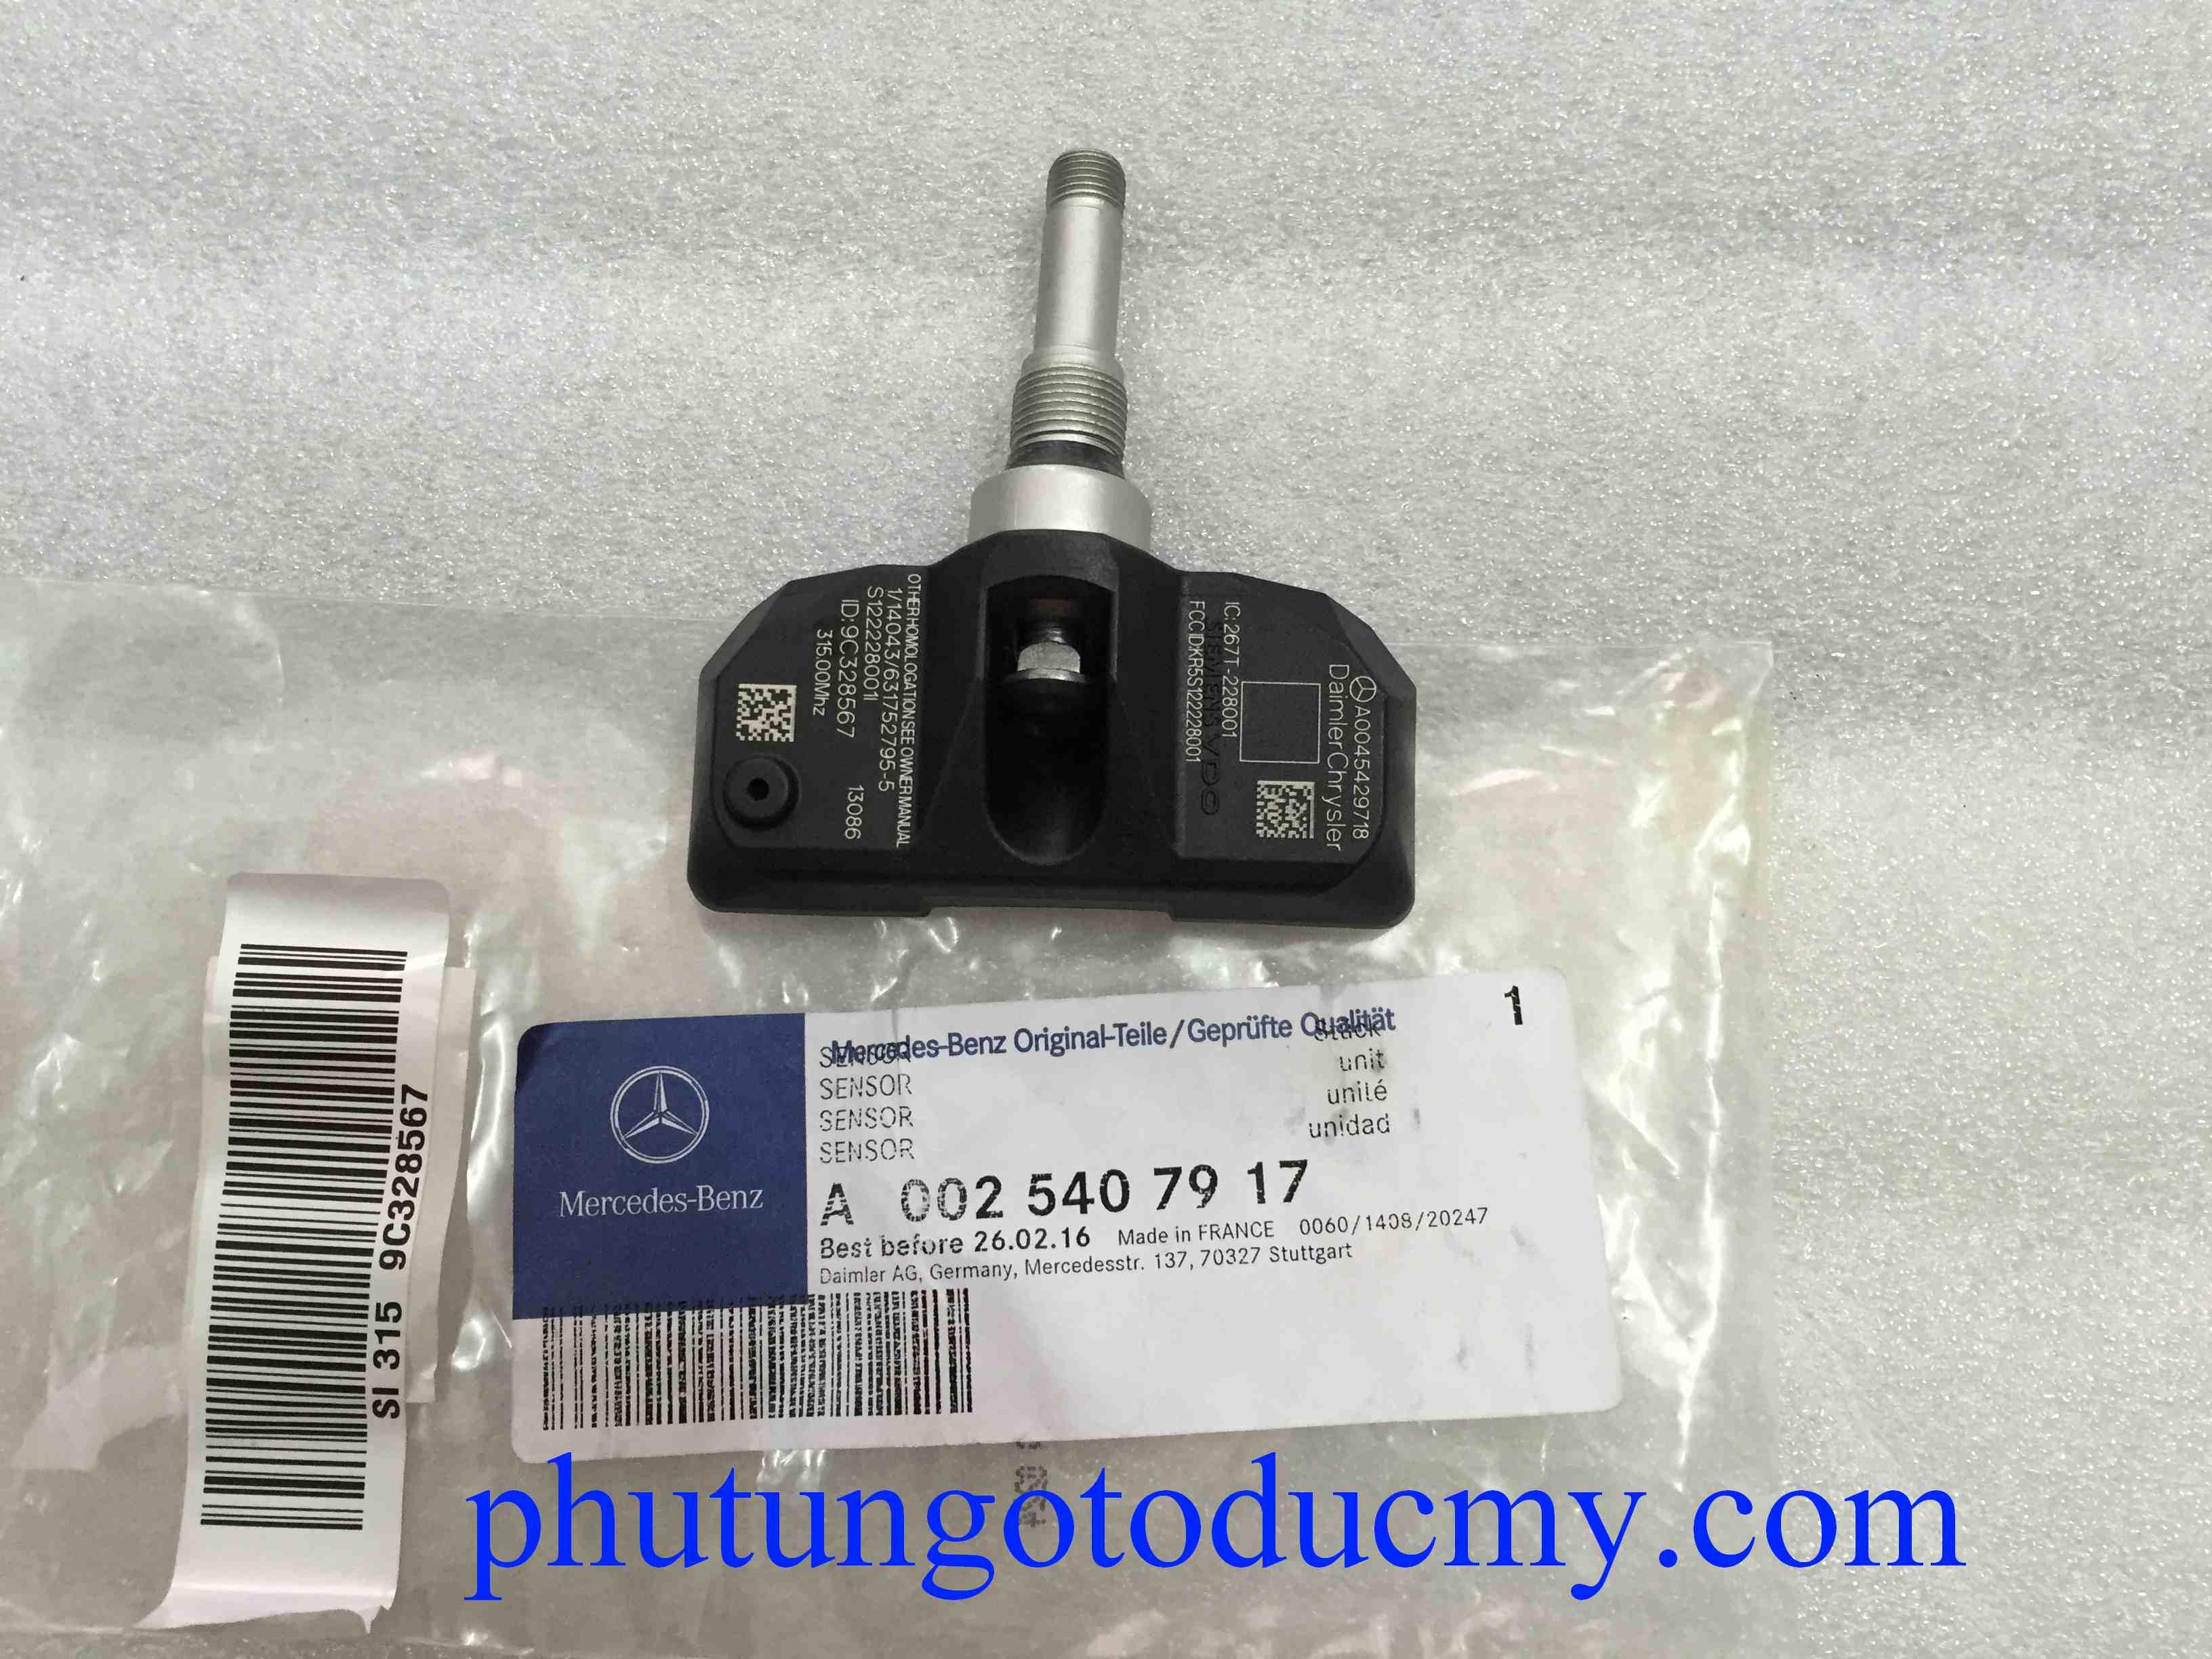 Cảm biến áp suất lốp Mercedes S350, S500 S550 W221-A0025407917